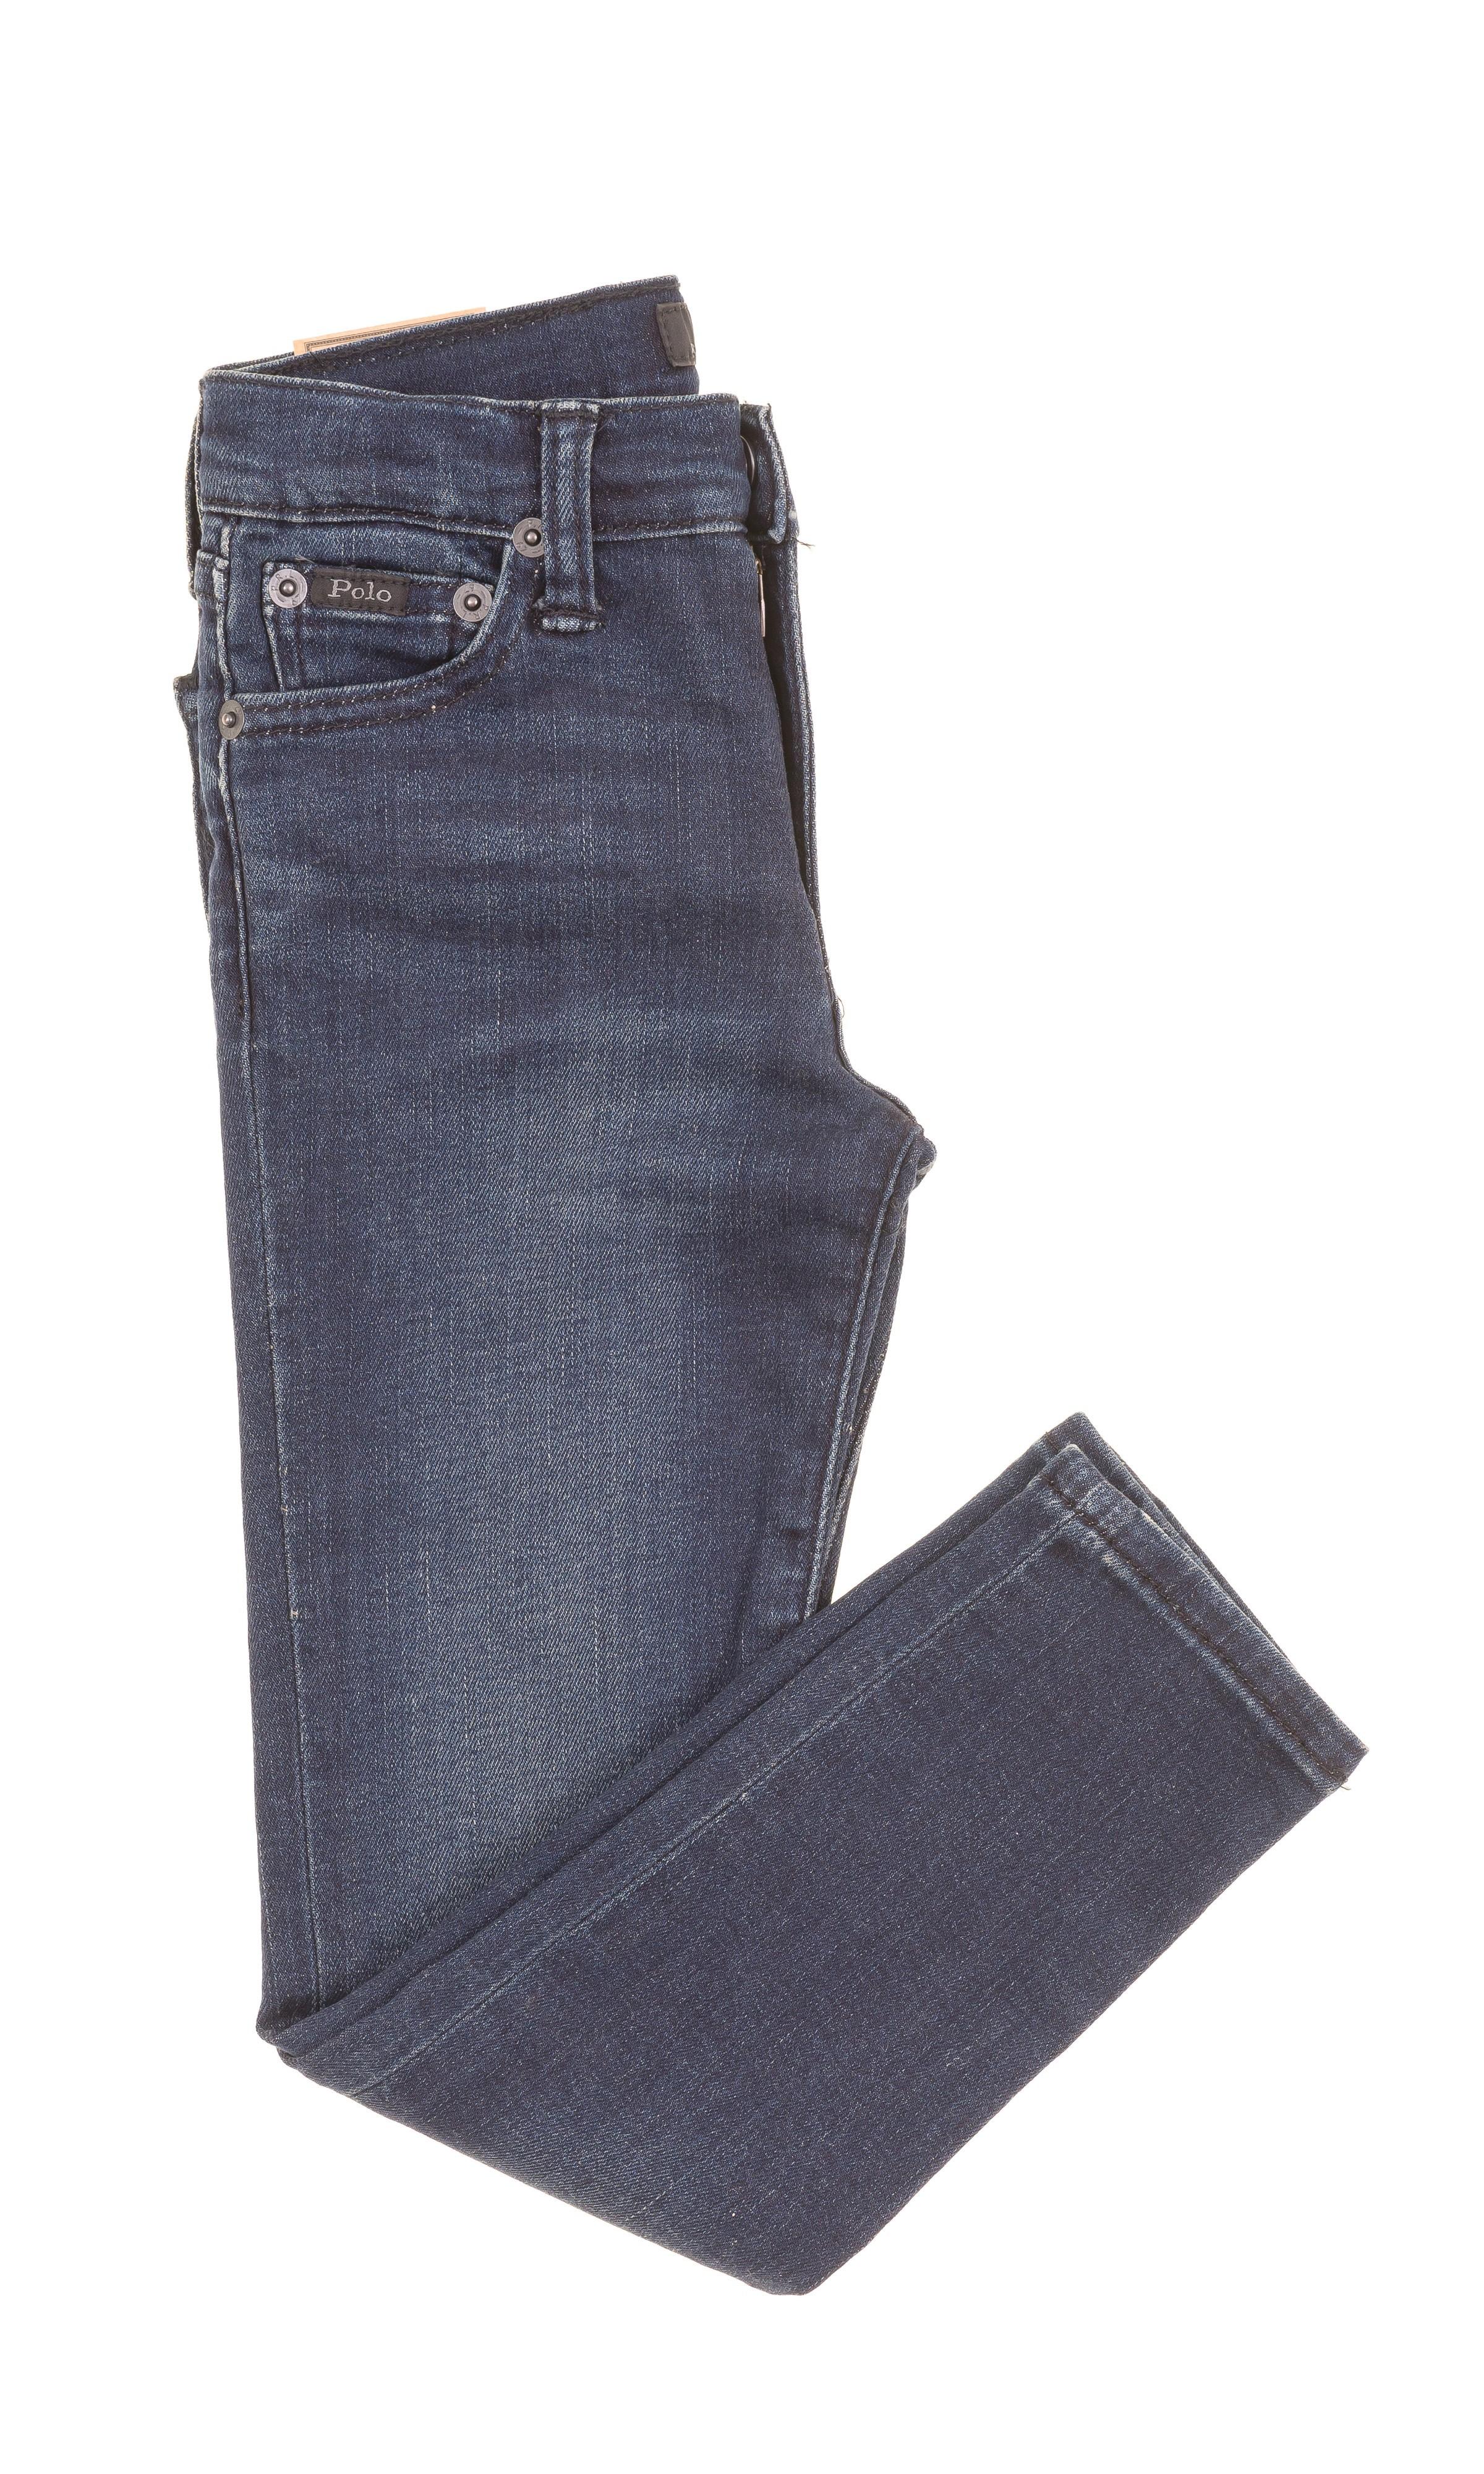 07c095c5cecbc Spodnie dżinsowe zwężane, rurki, Polo Ralph Lauren - Celebrity-Club